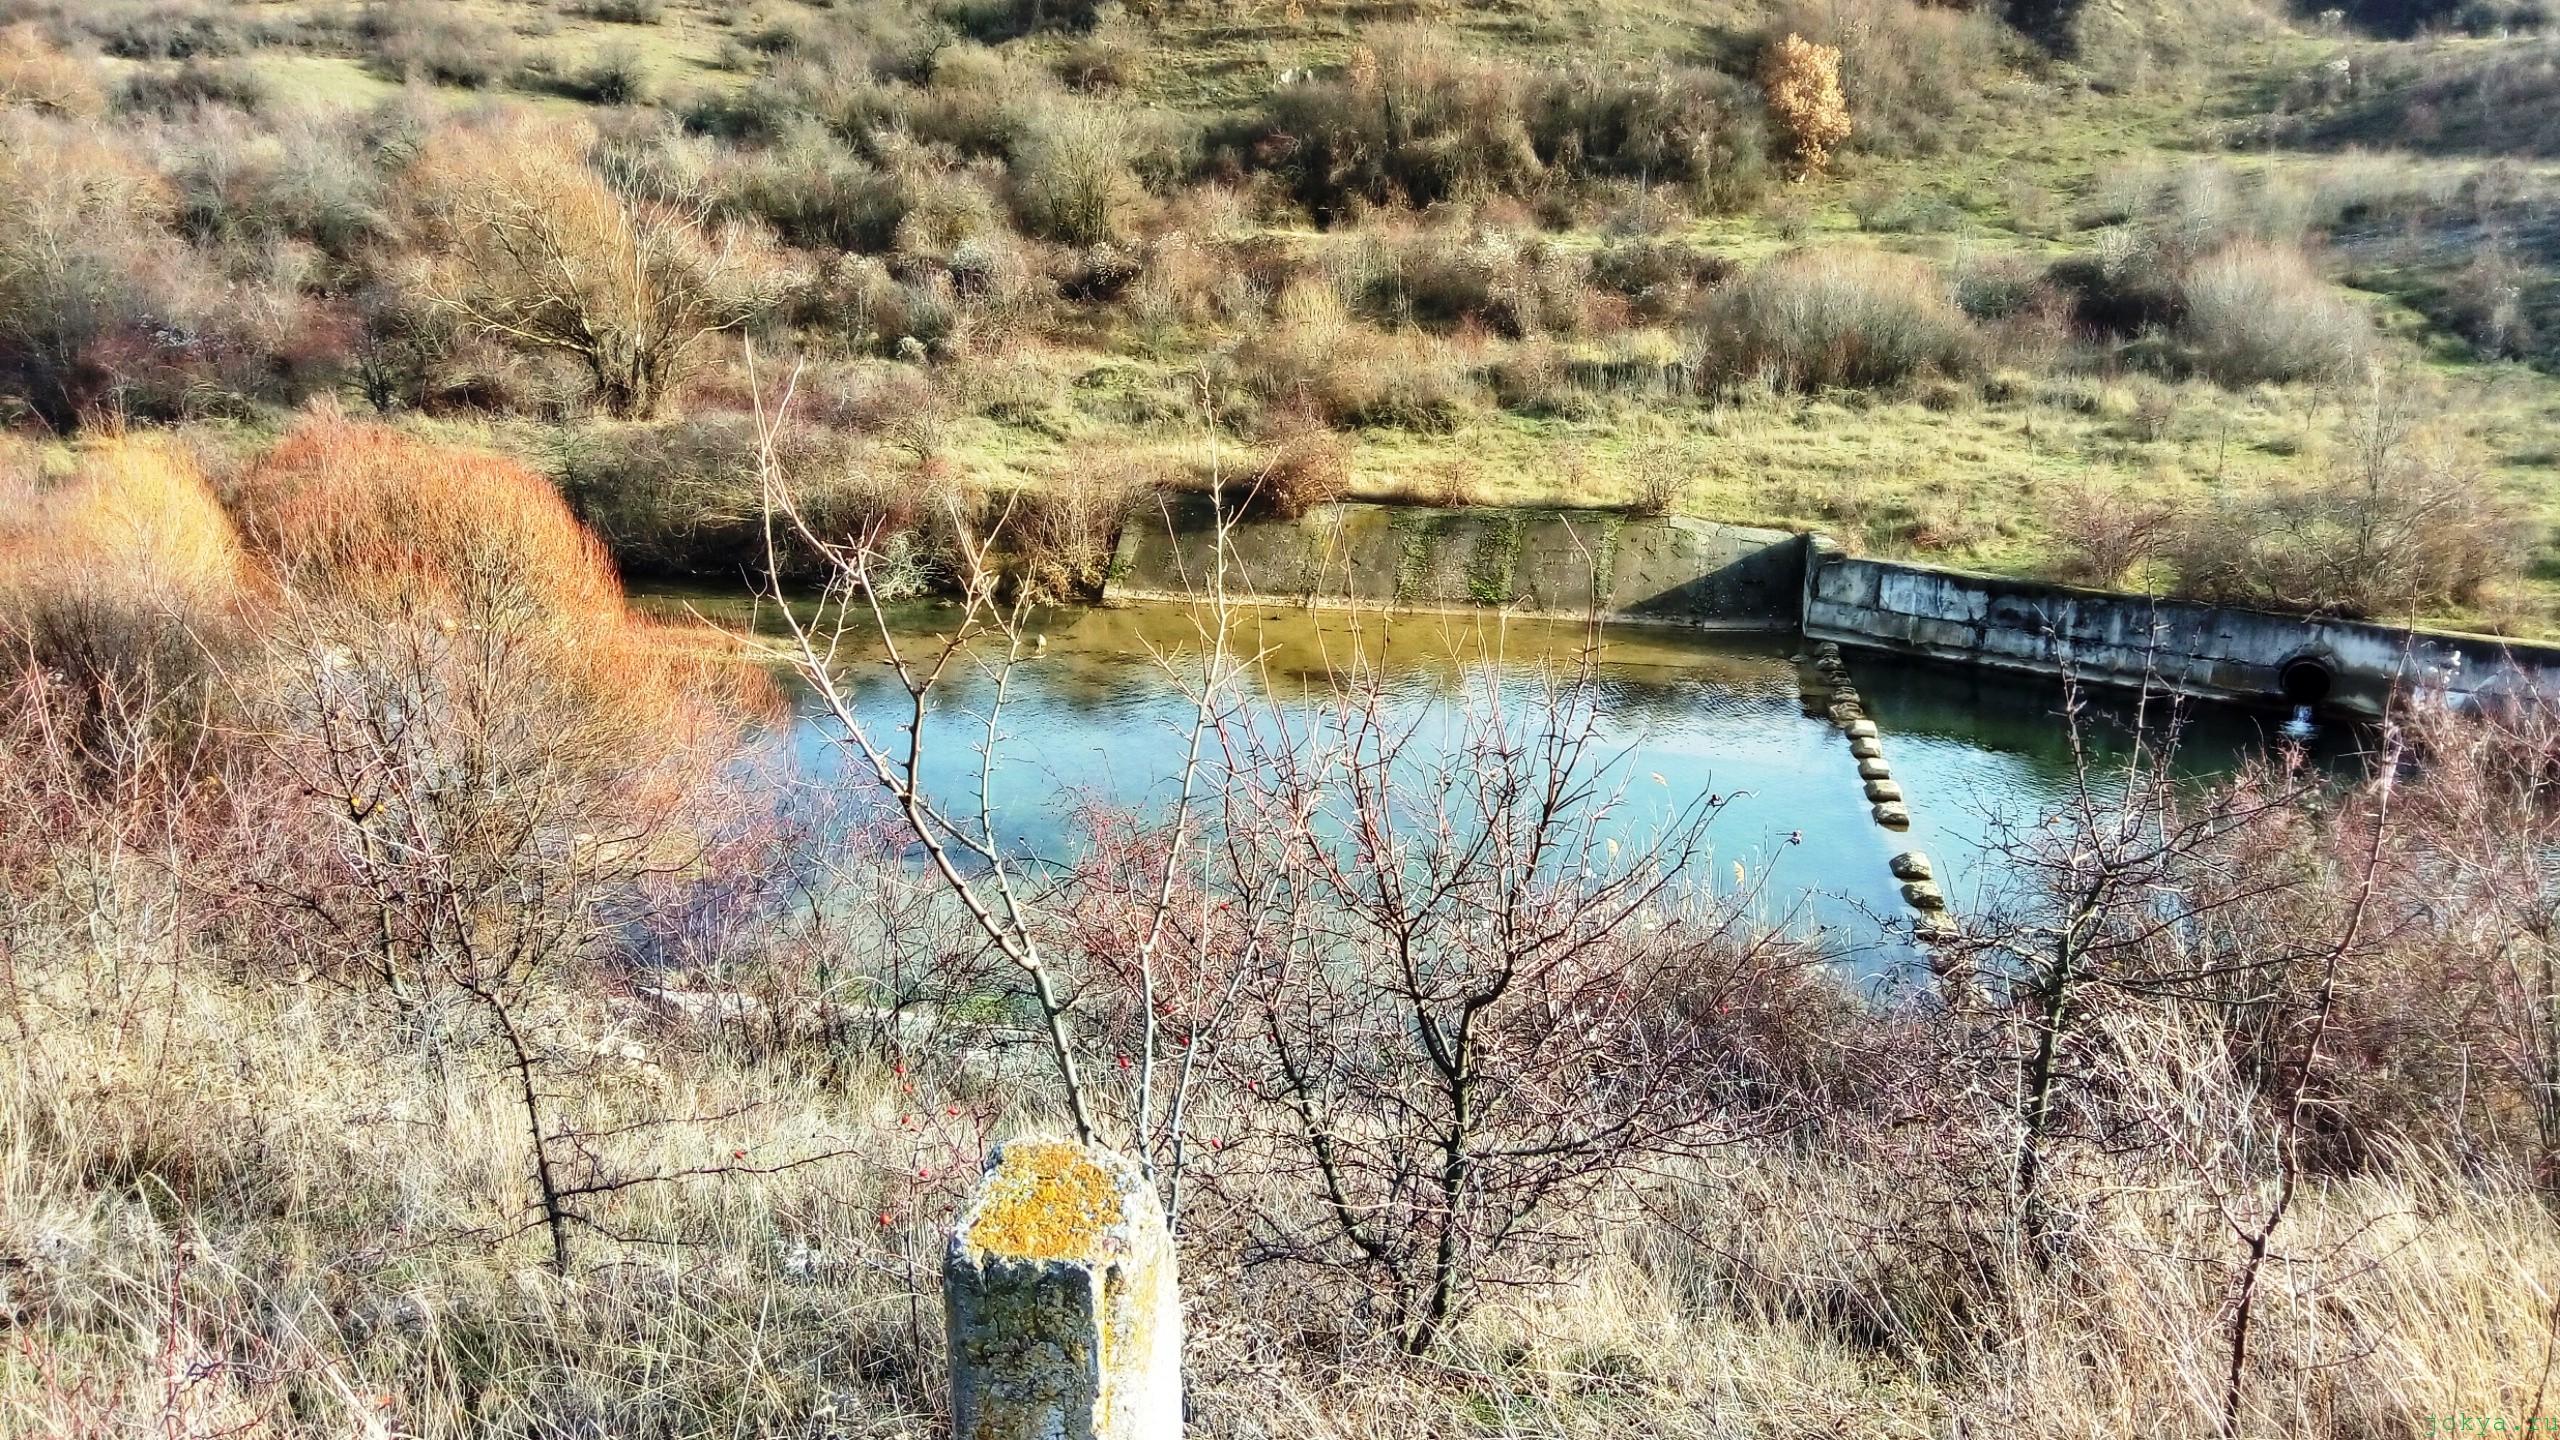 Турист рыболов с поплавочной удочкой в походе фото заметка из моей реальности в Крыму jokya.ru